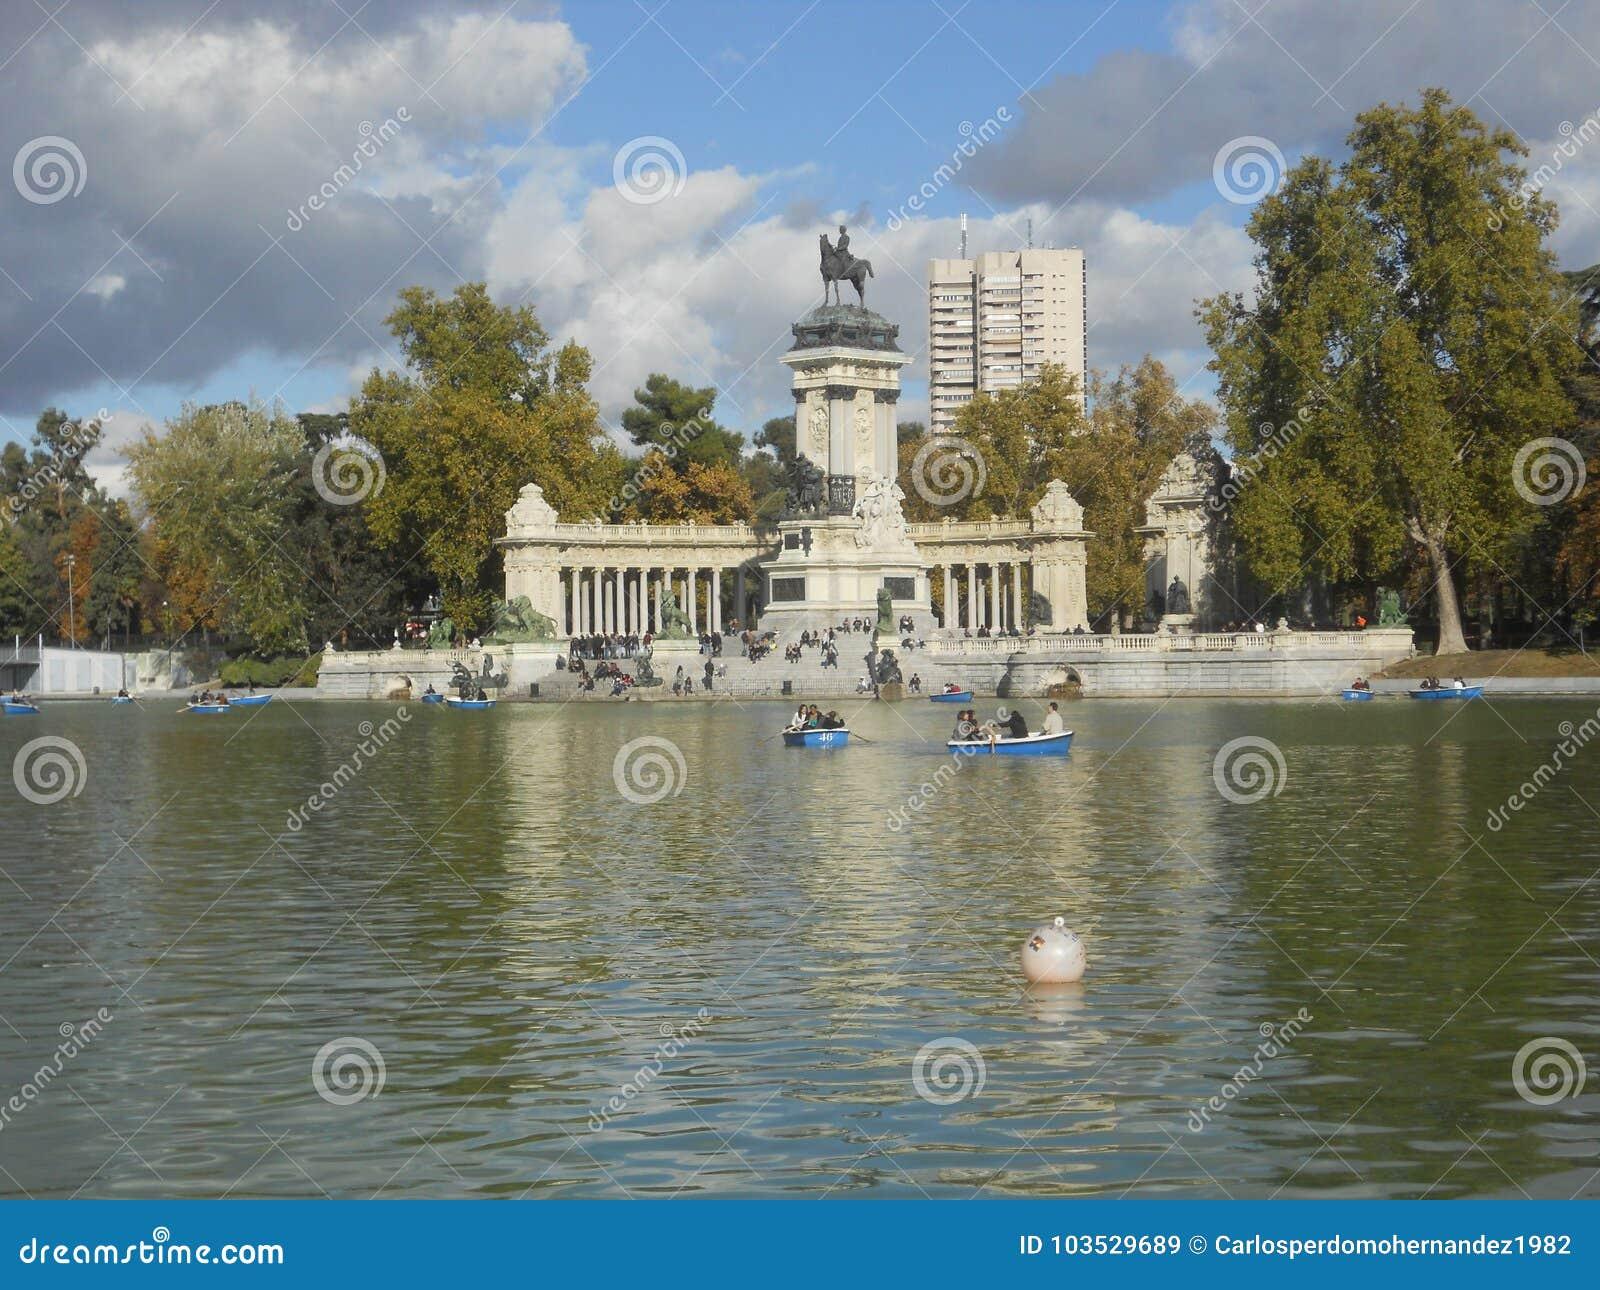 Sjön i retiro parkerar i madrid med statyer, vatten och ekor